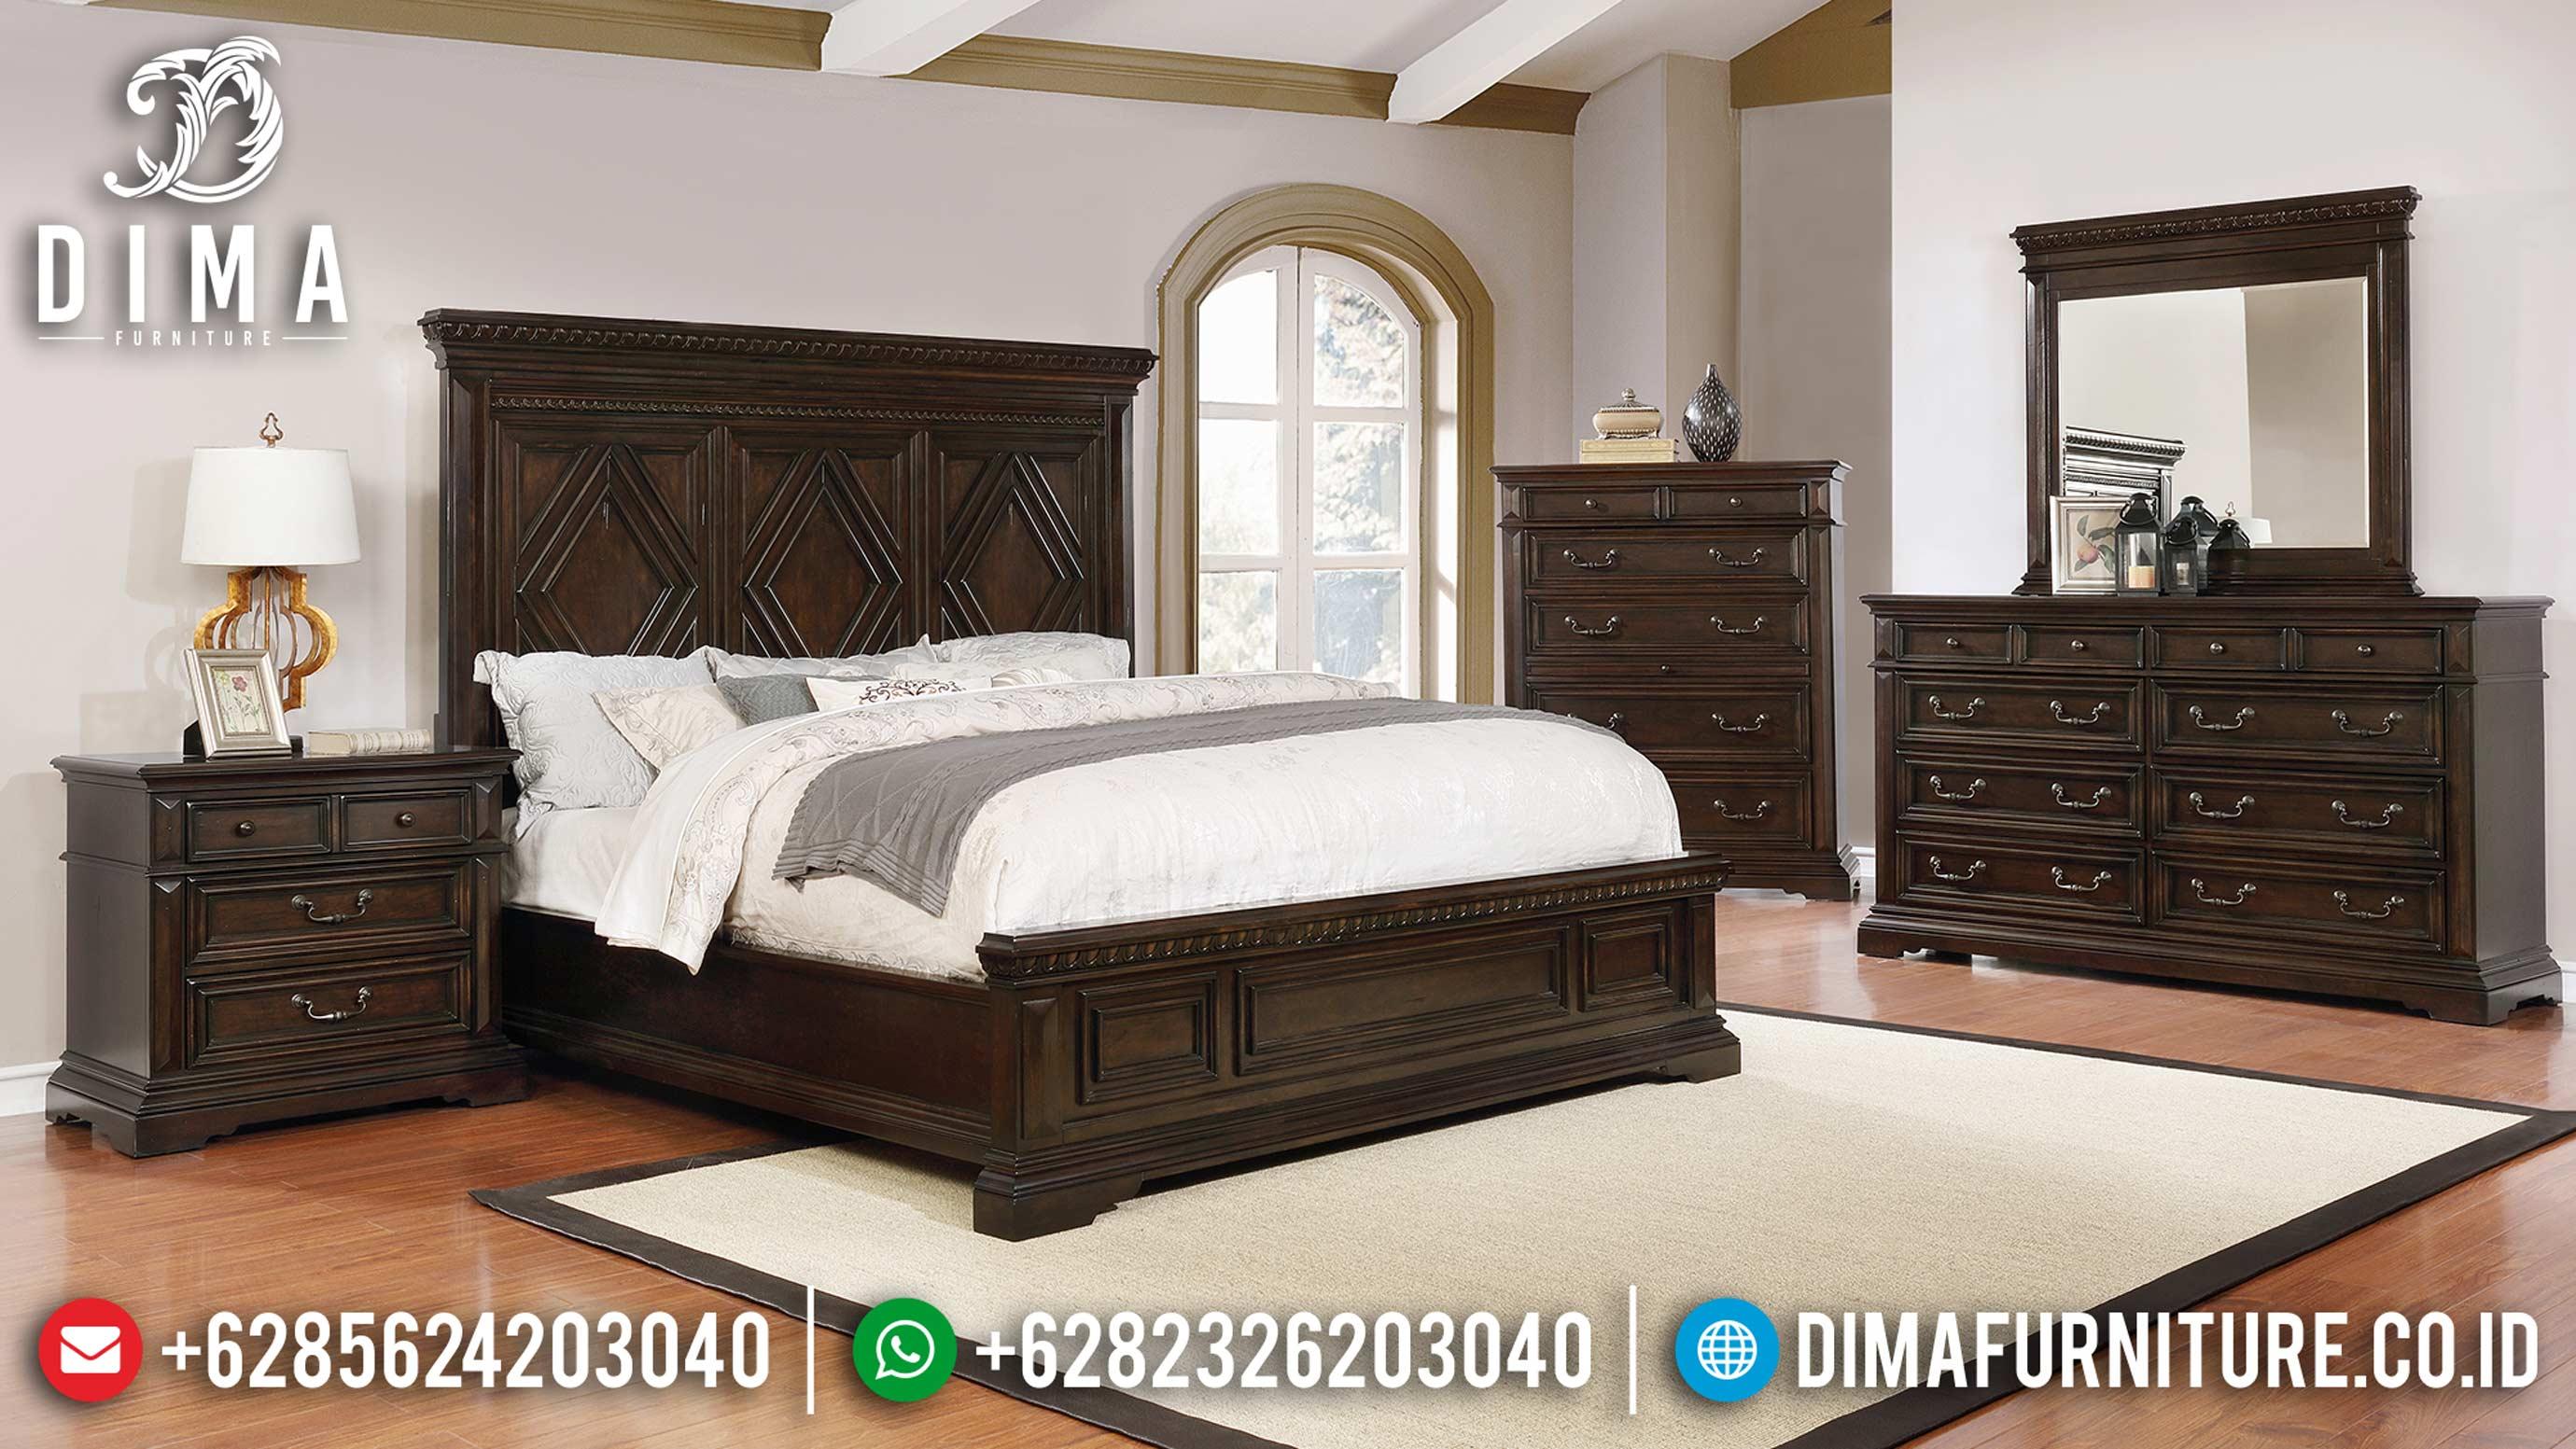 Set Kamar Tidur Minimalis Modern Jati Natural Terbaru MM-0485